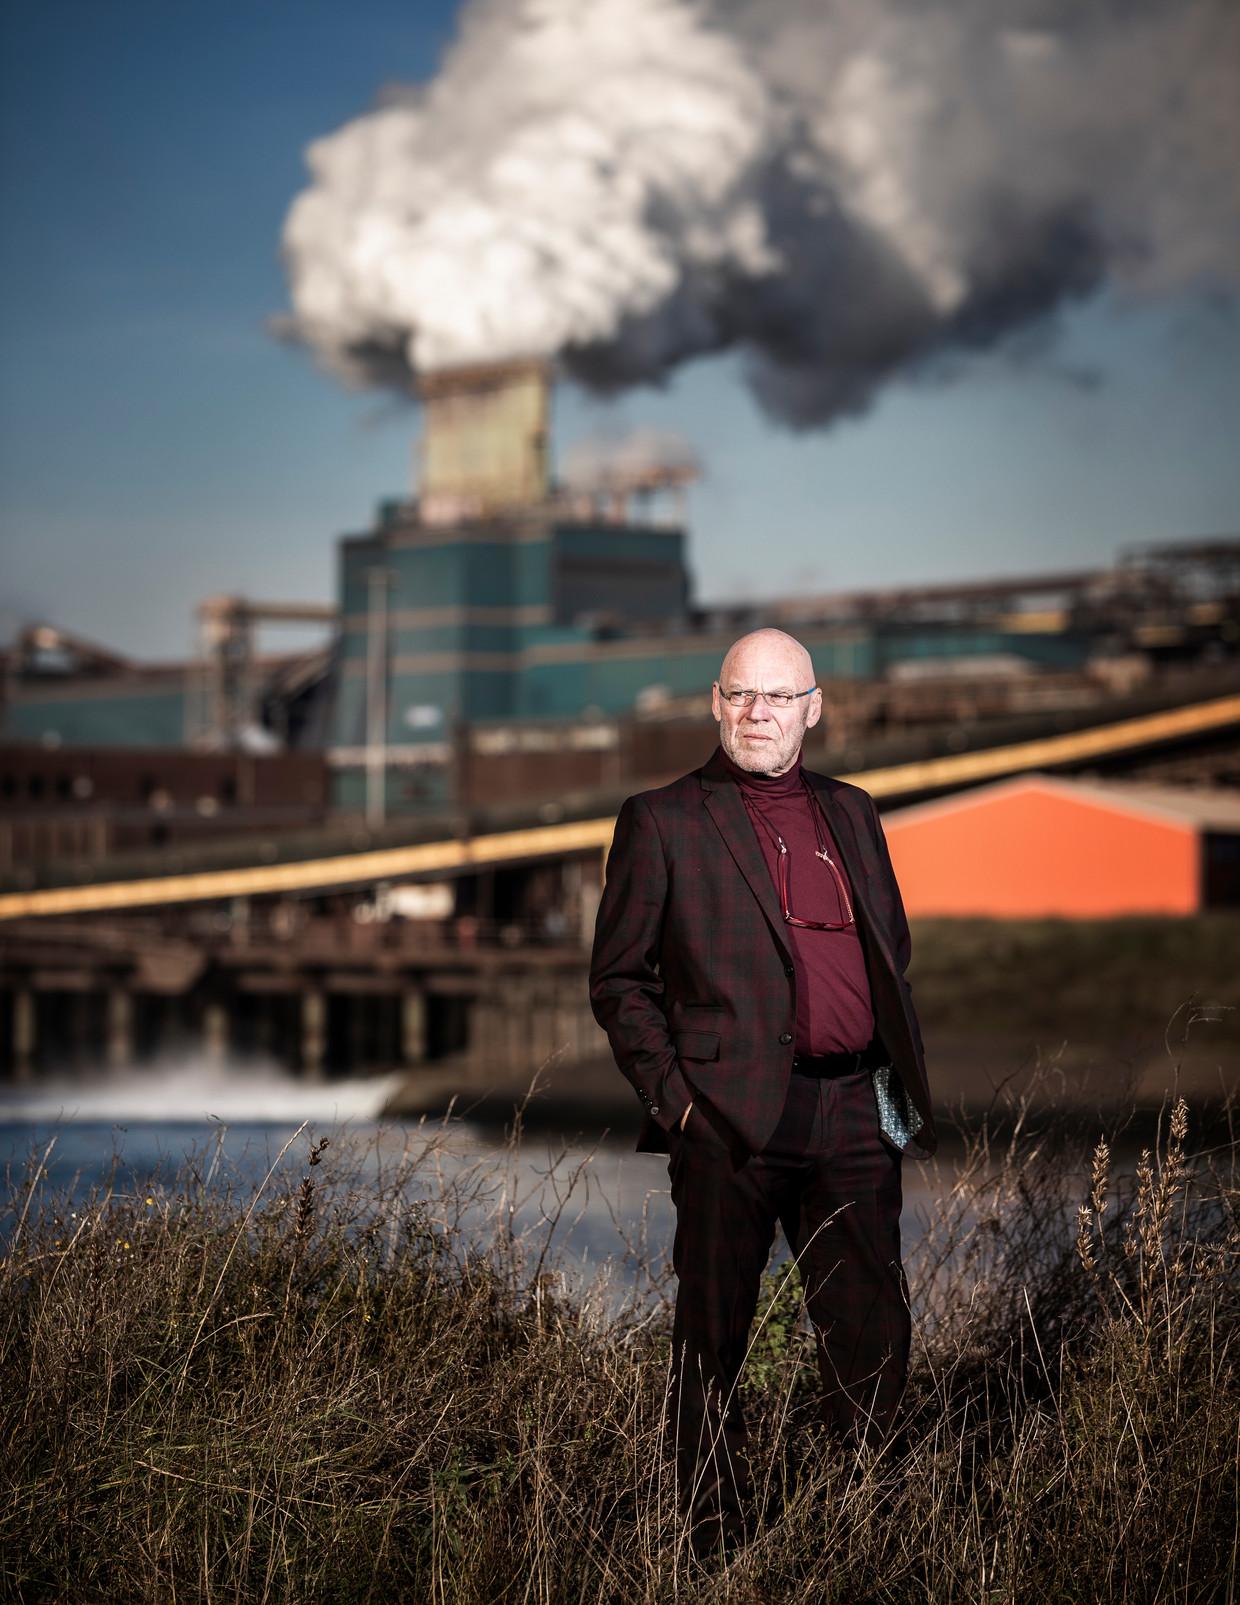 Amateurfotograaf Dirk Jan Prins, die lozingen van Tata Steel fotografeert. Beeld Jiri Büller